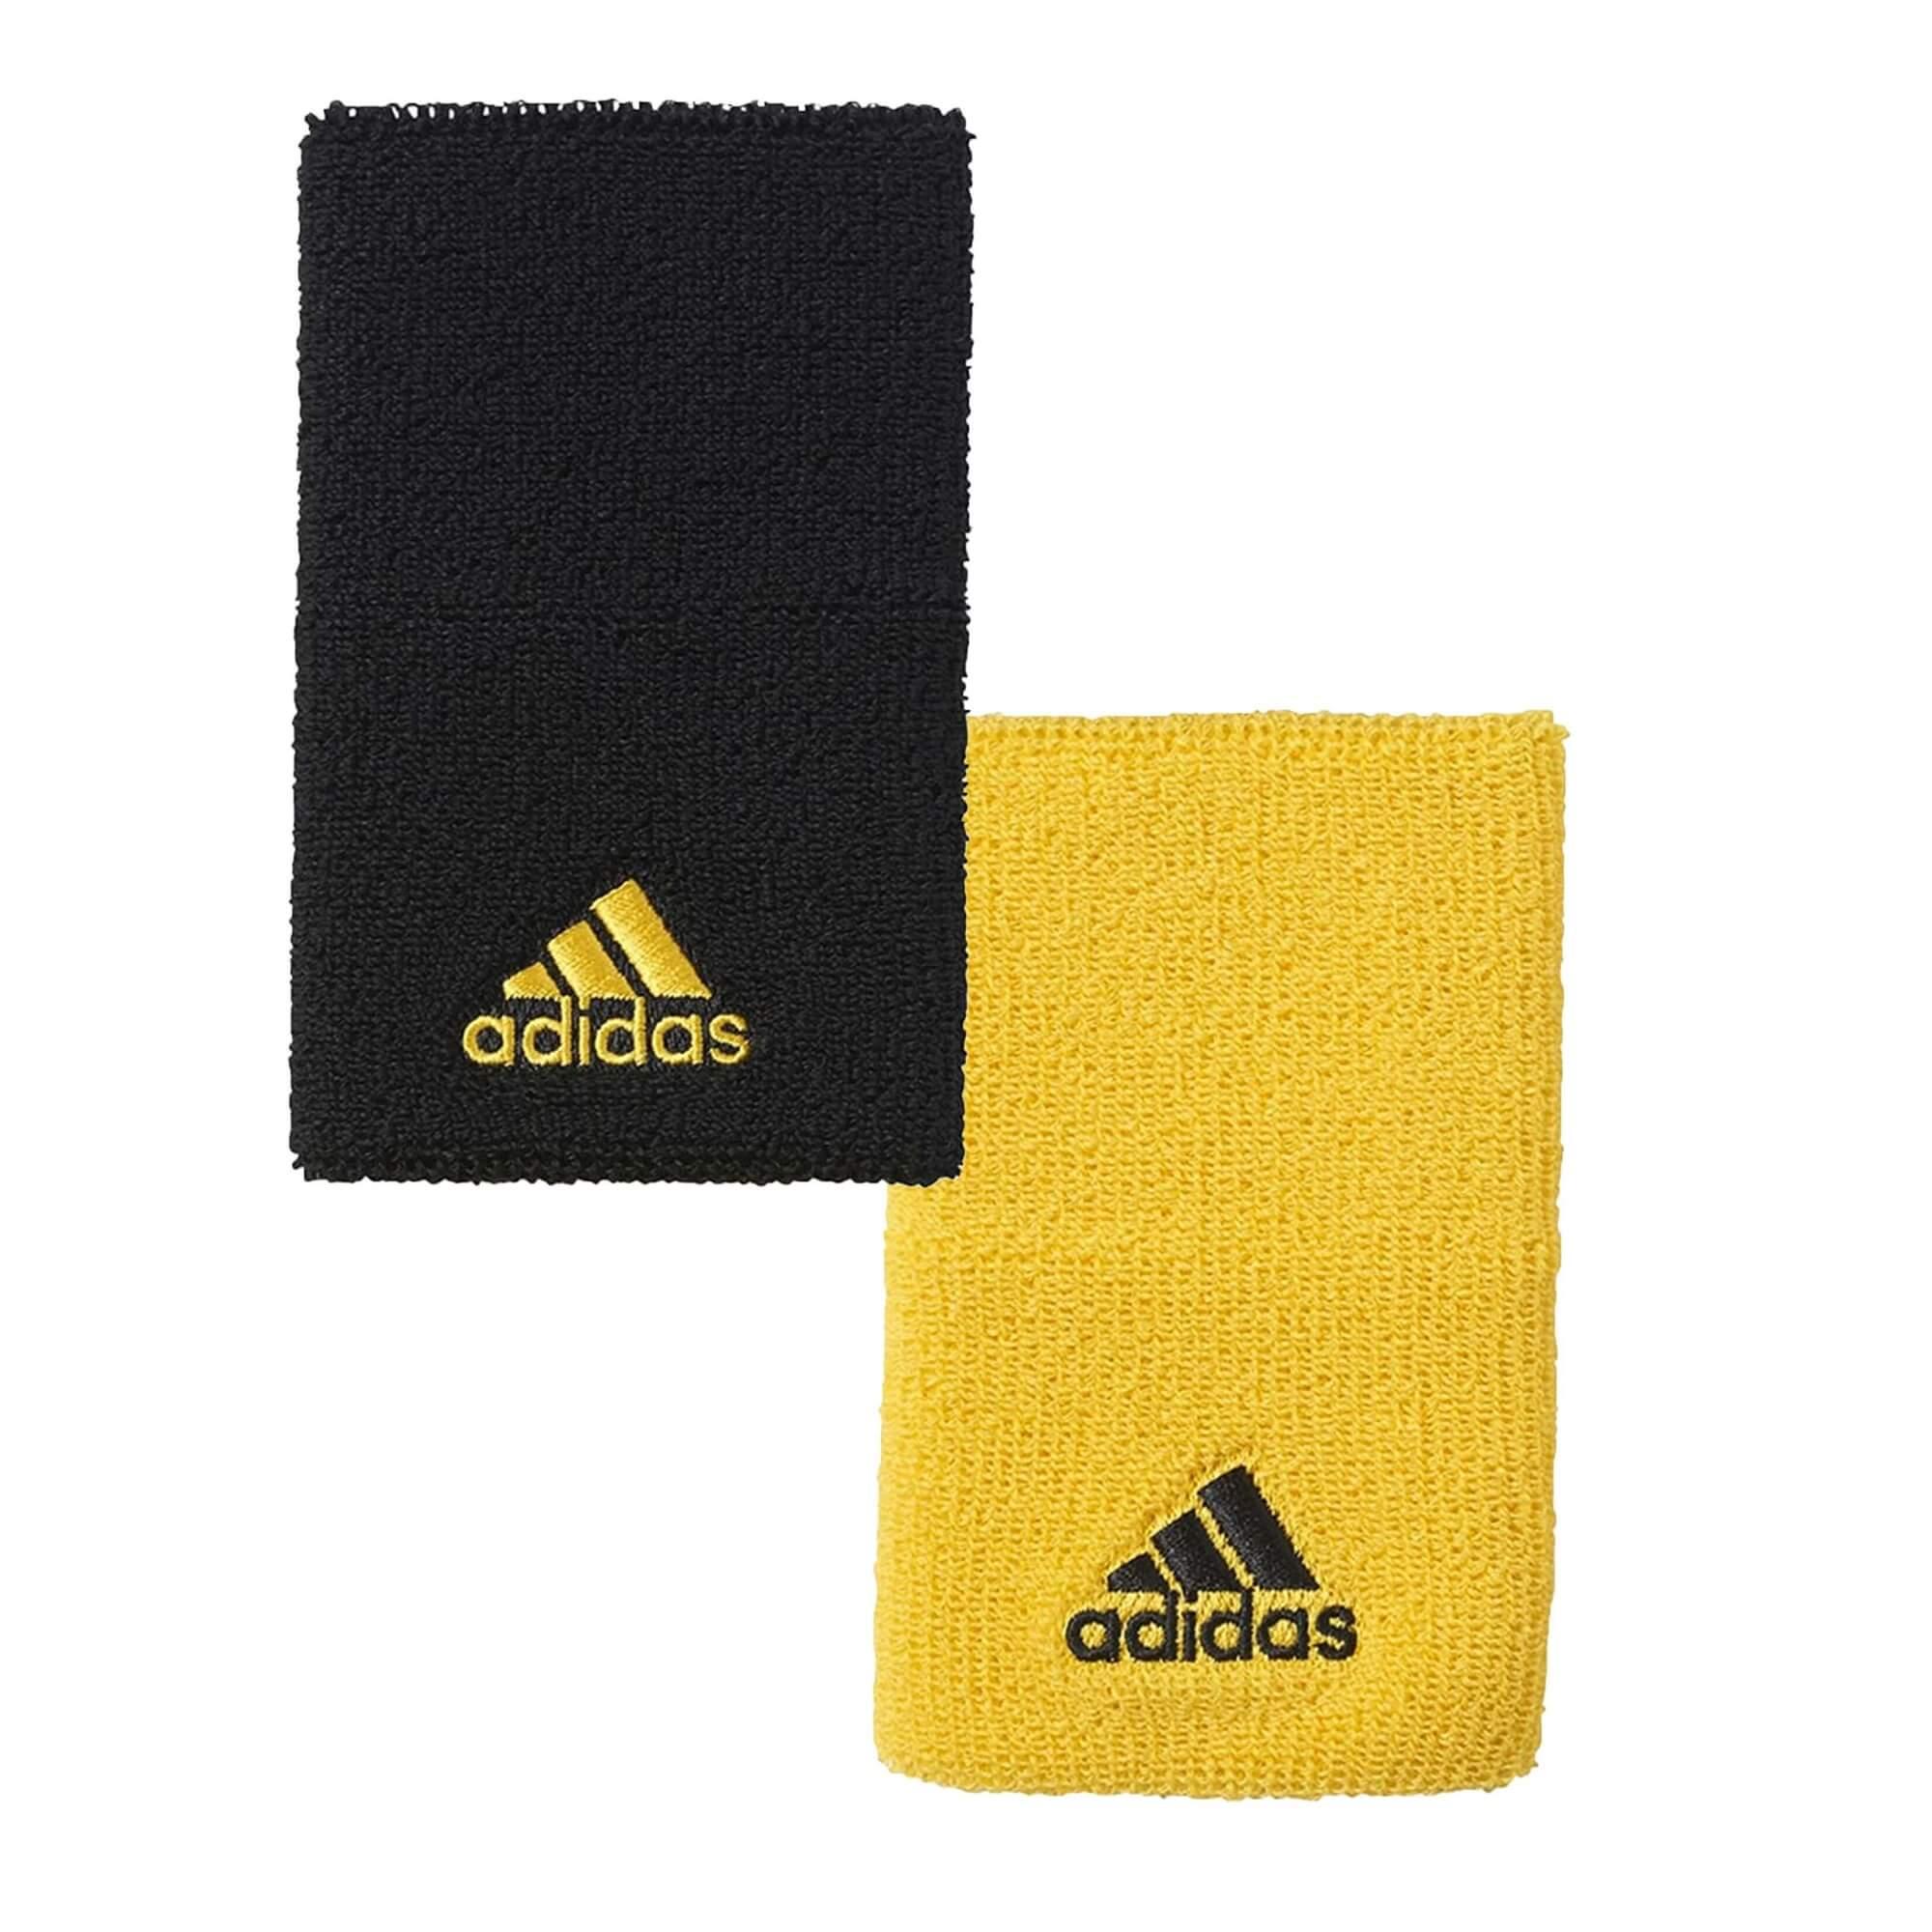 Munhequeira atoalhada Adidas 2 cores tênnis basket crossfit CE3155